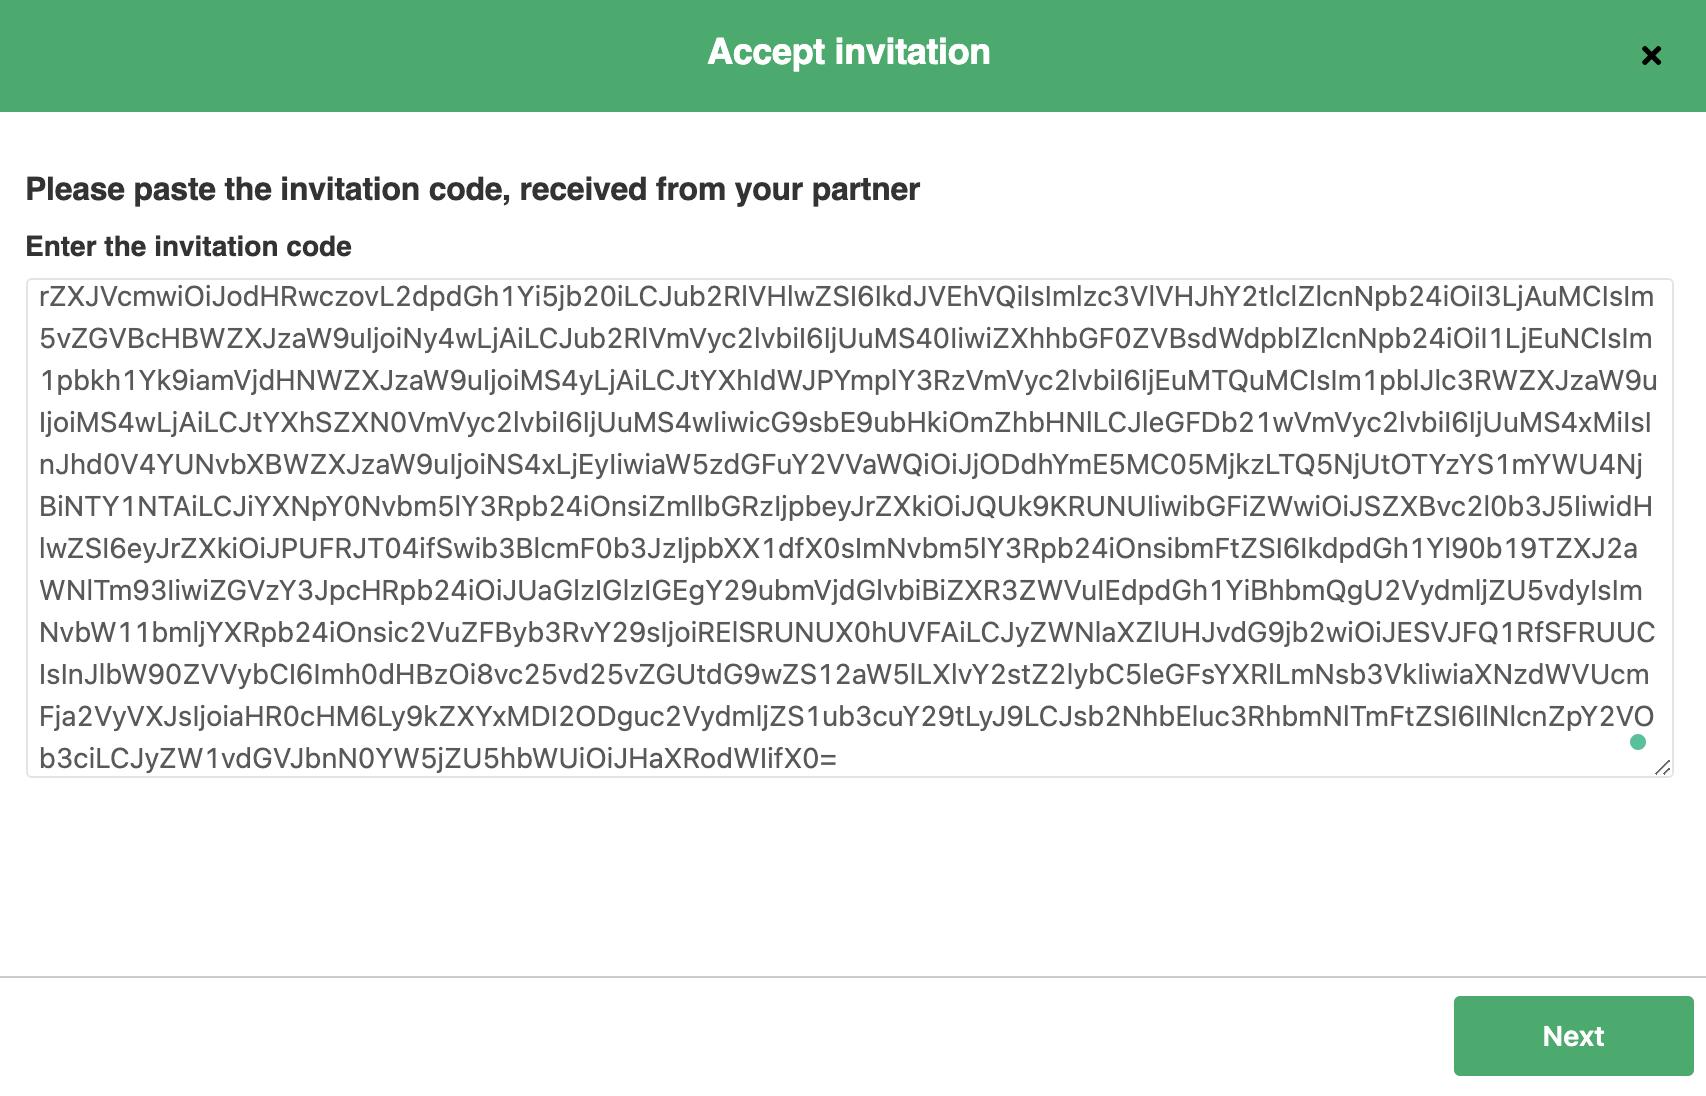 Paste the invitation code in ServiceNow